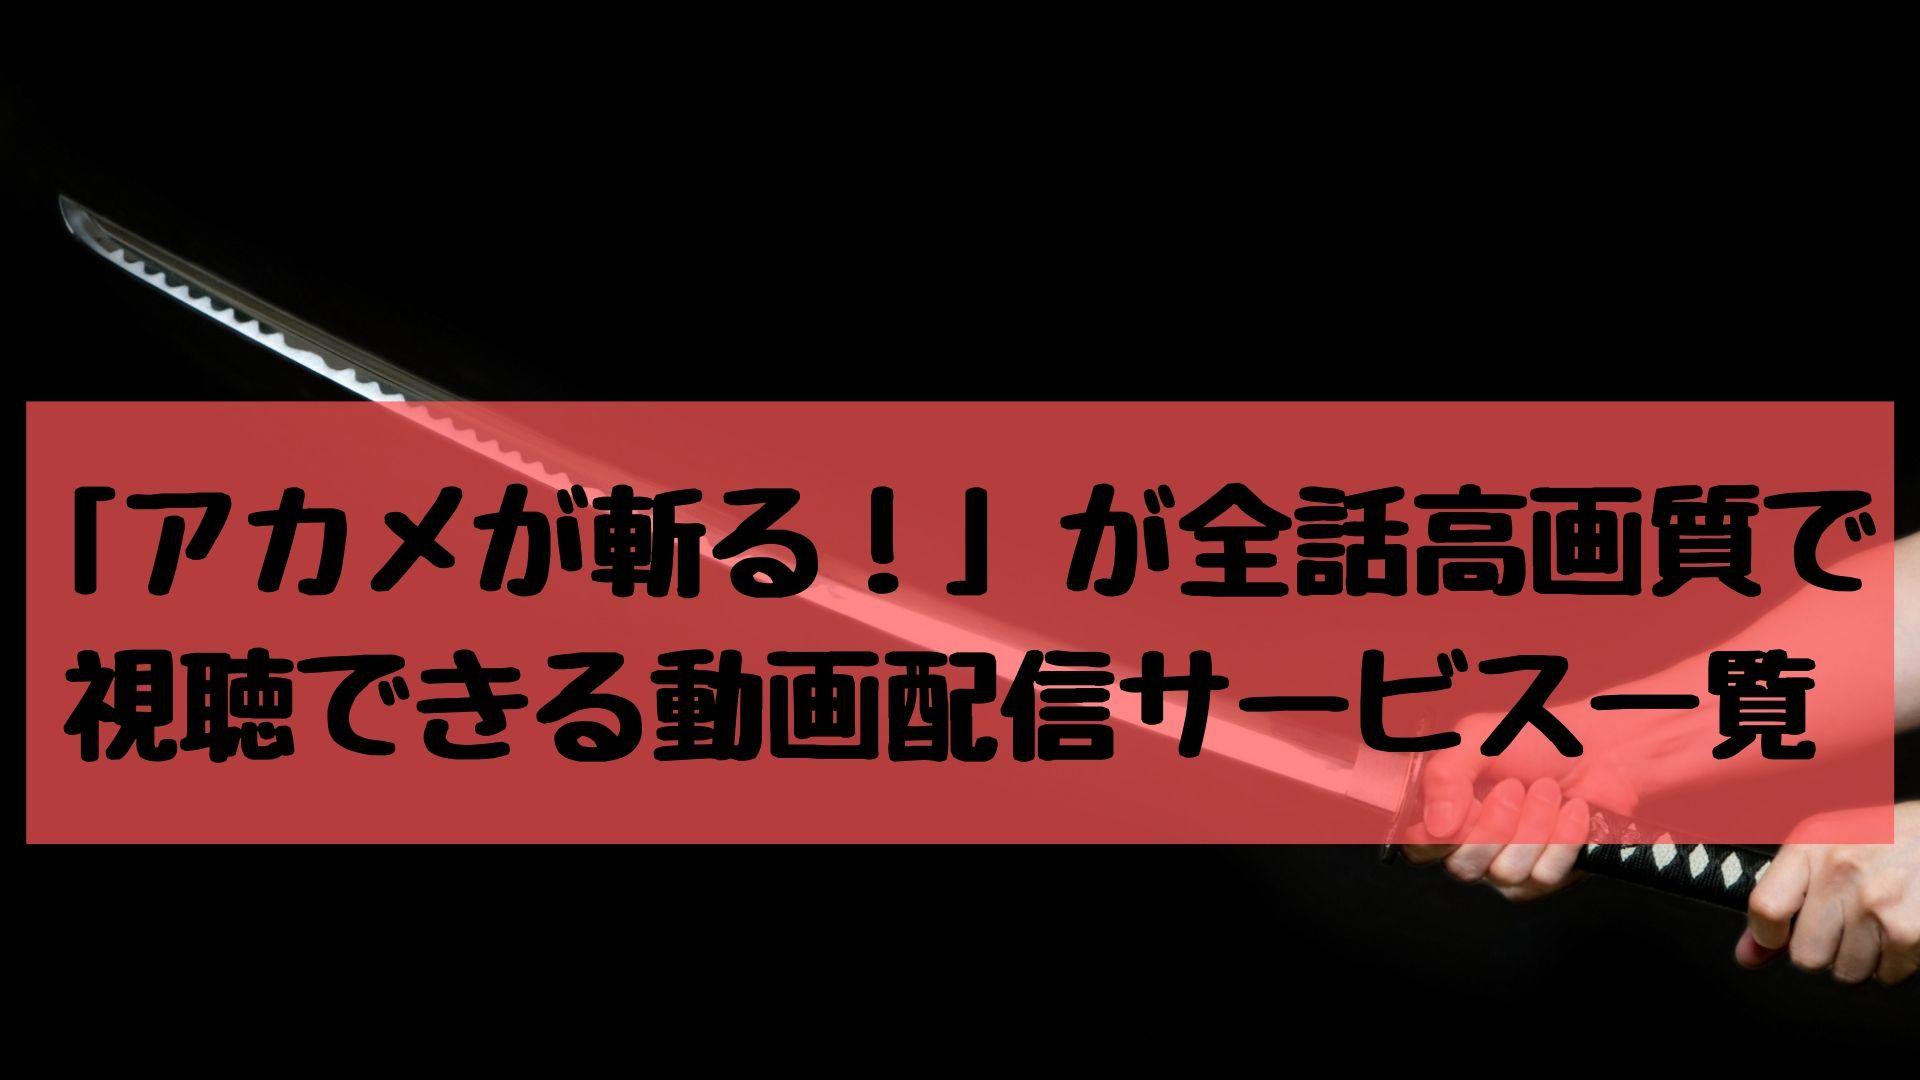 「アカメが斬る!」の動画!全話高画質で視聴できる動画配信サービス一覧